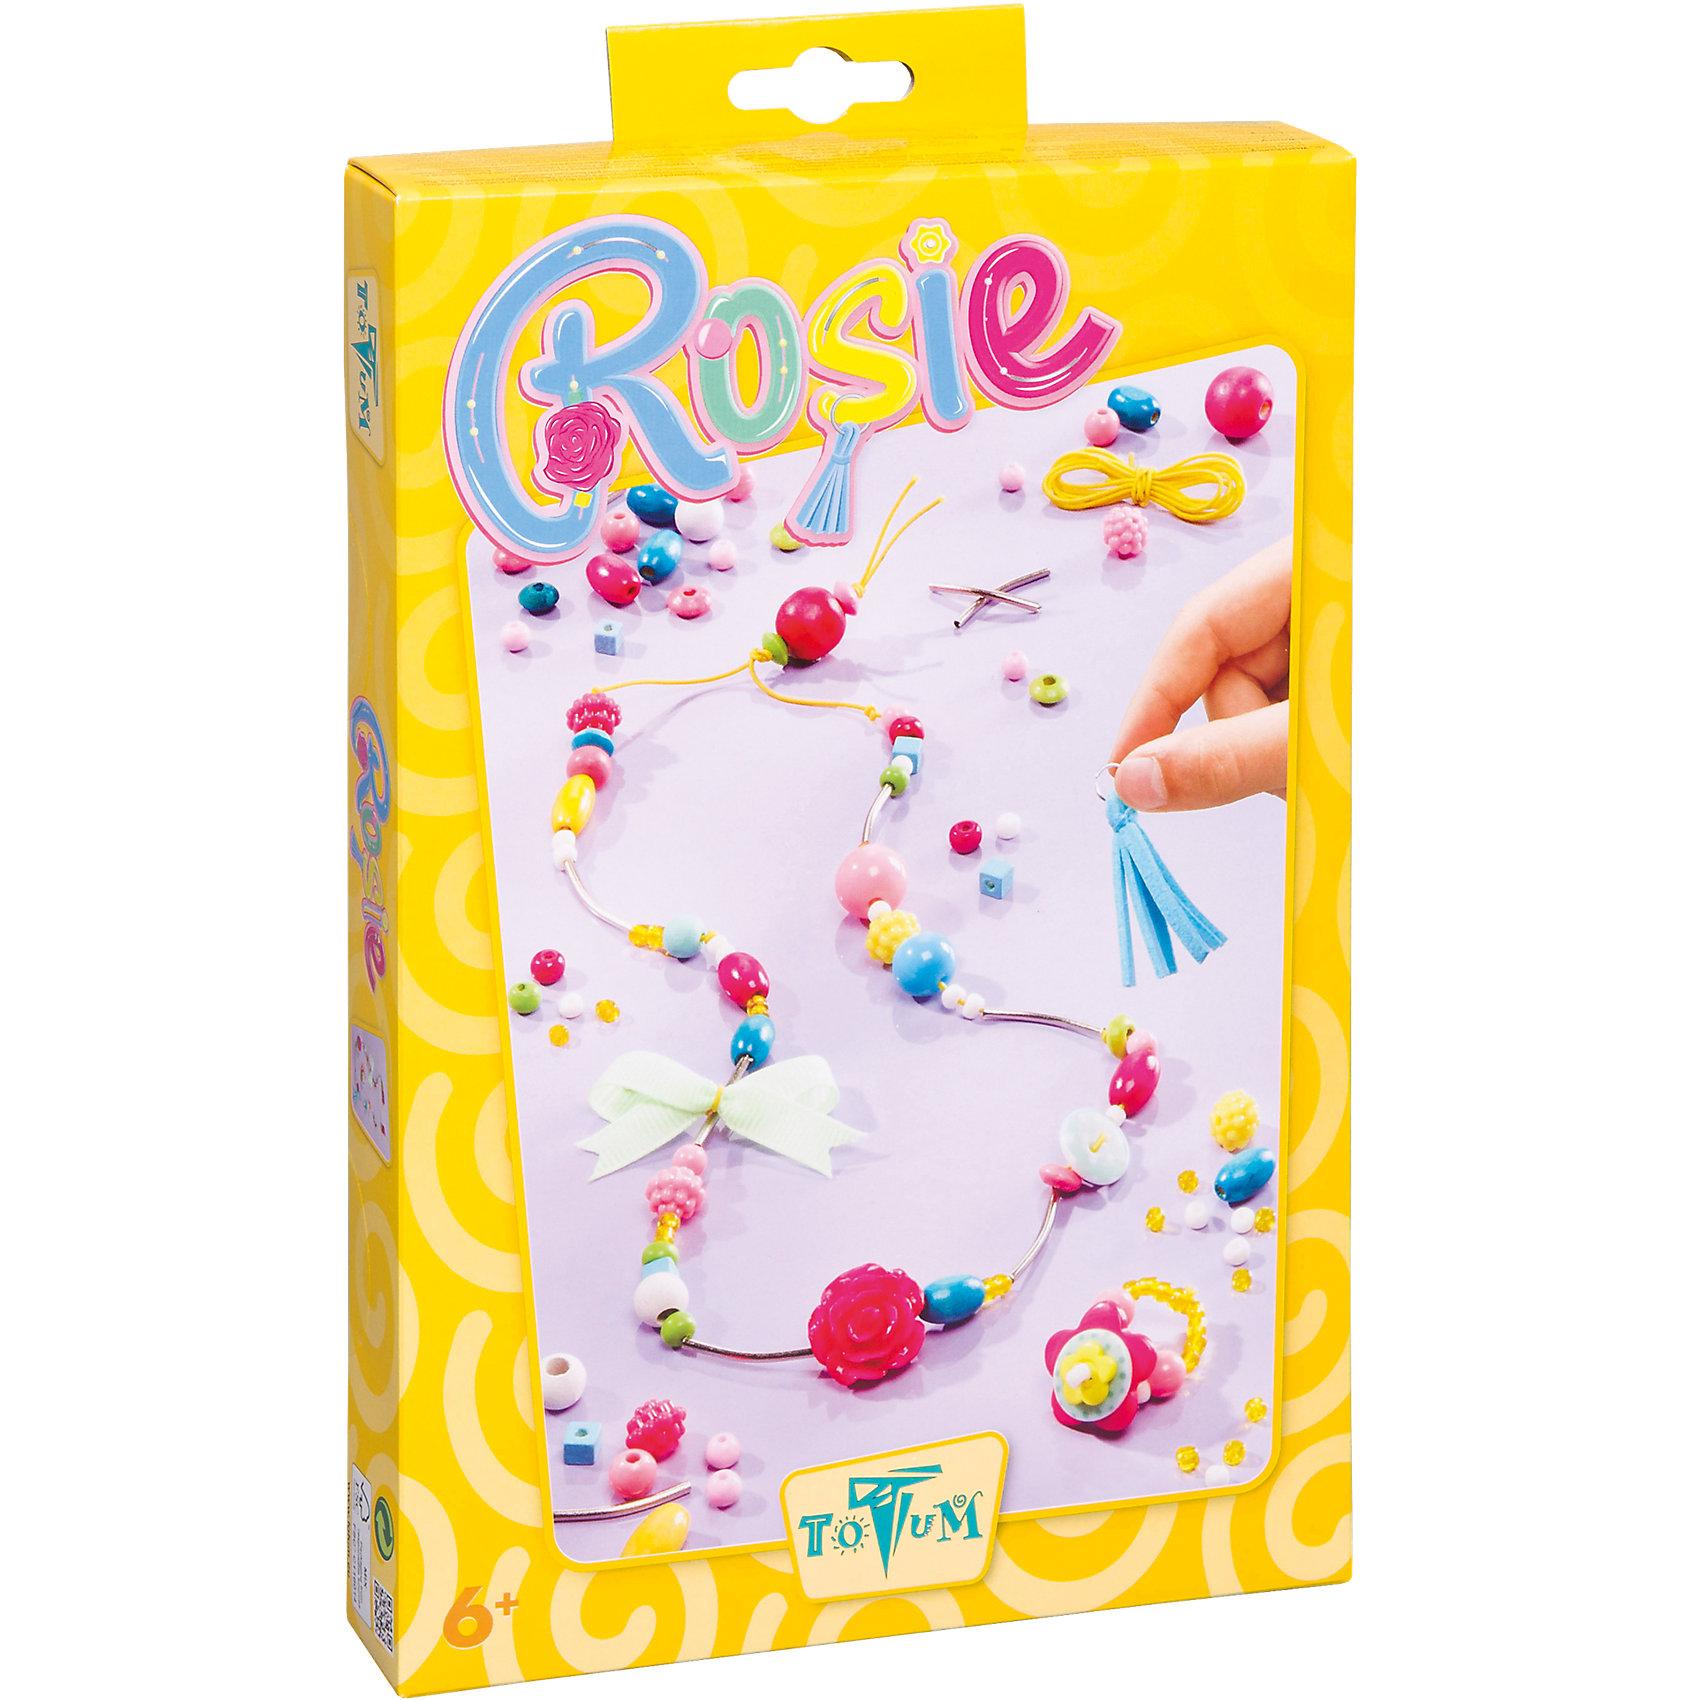 Набор для творчества ROSIEНабор для творчества ROSIE, Totum (Тотум)<br><br>Характеристики:<br><br>• восхитительные украшения своими руками<br>• оригинальные бусины <br>• в комплекте: декоративная кисточка, металлические бусины, пластиковые бусины, бусина в виде розы, бусины в виде ягод, стеклянные бусины, деревянные бусины, эластичная нить, лента, иголка, инструкция<br>• размер упаковки: 27х18х4 см<br>• вес: 257 грамм<br><br>Набор для творчества ROSIE предназначен для создания милых украшений с помощью плетения. Девочка сможет создать браслетик и колечко. В комплект входят различные бусины: деревянные, стеклянные, пластиковые, в виде ягод, в виде розы и многие другие. Подробная инструкция поможет девочке разобраться в процессе. Создавая украшения, ребенок развивает мелкую моторику, усидчивость и внимательность. А сами украшения будут отличным поводом для гордости!<br><br>Набор для творчества ROSIE, Totum (Тотум) можно купить в нашем интернет-магазине.<br><br>Ширина мм: 285<br>Глубина мм: 182<br>Высота мм: 41<br>Вес г: 148<br>Возраст от месяцев: 60<br>Возраст до месяцев: 120<br>Пол: Женский<br>Возраст: Детский<br>SKU: 3996484